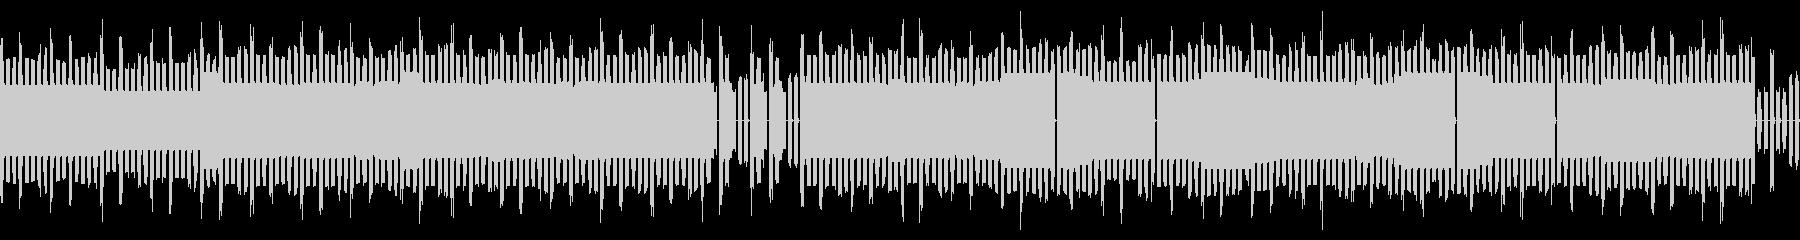 セガハード音源ベースのチップチューンですの未再生の波形